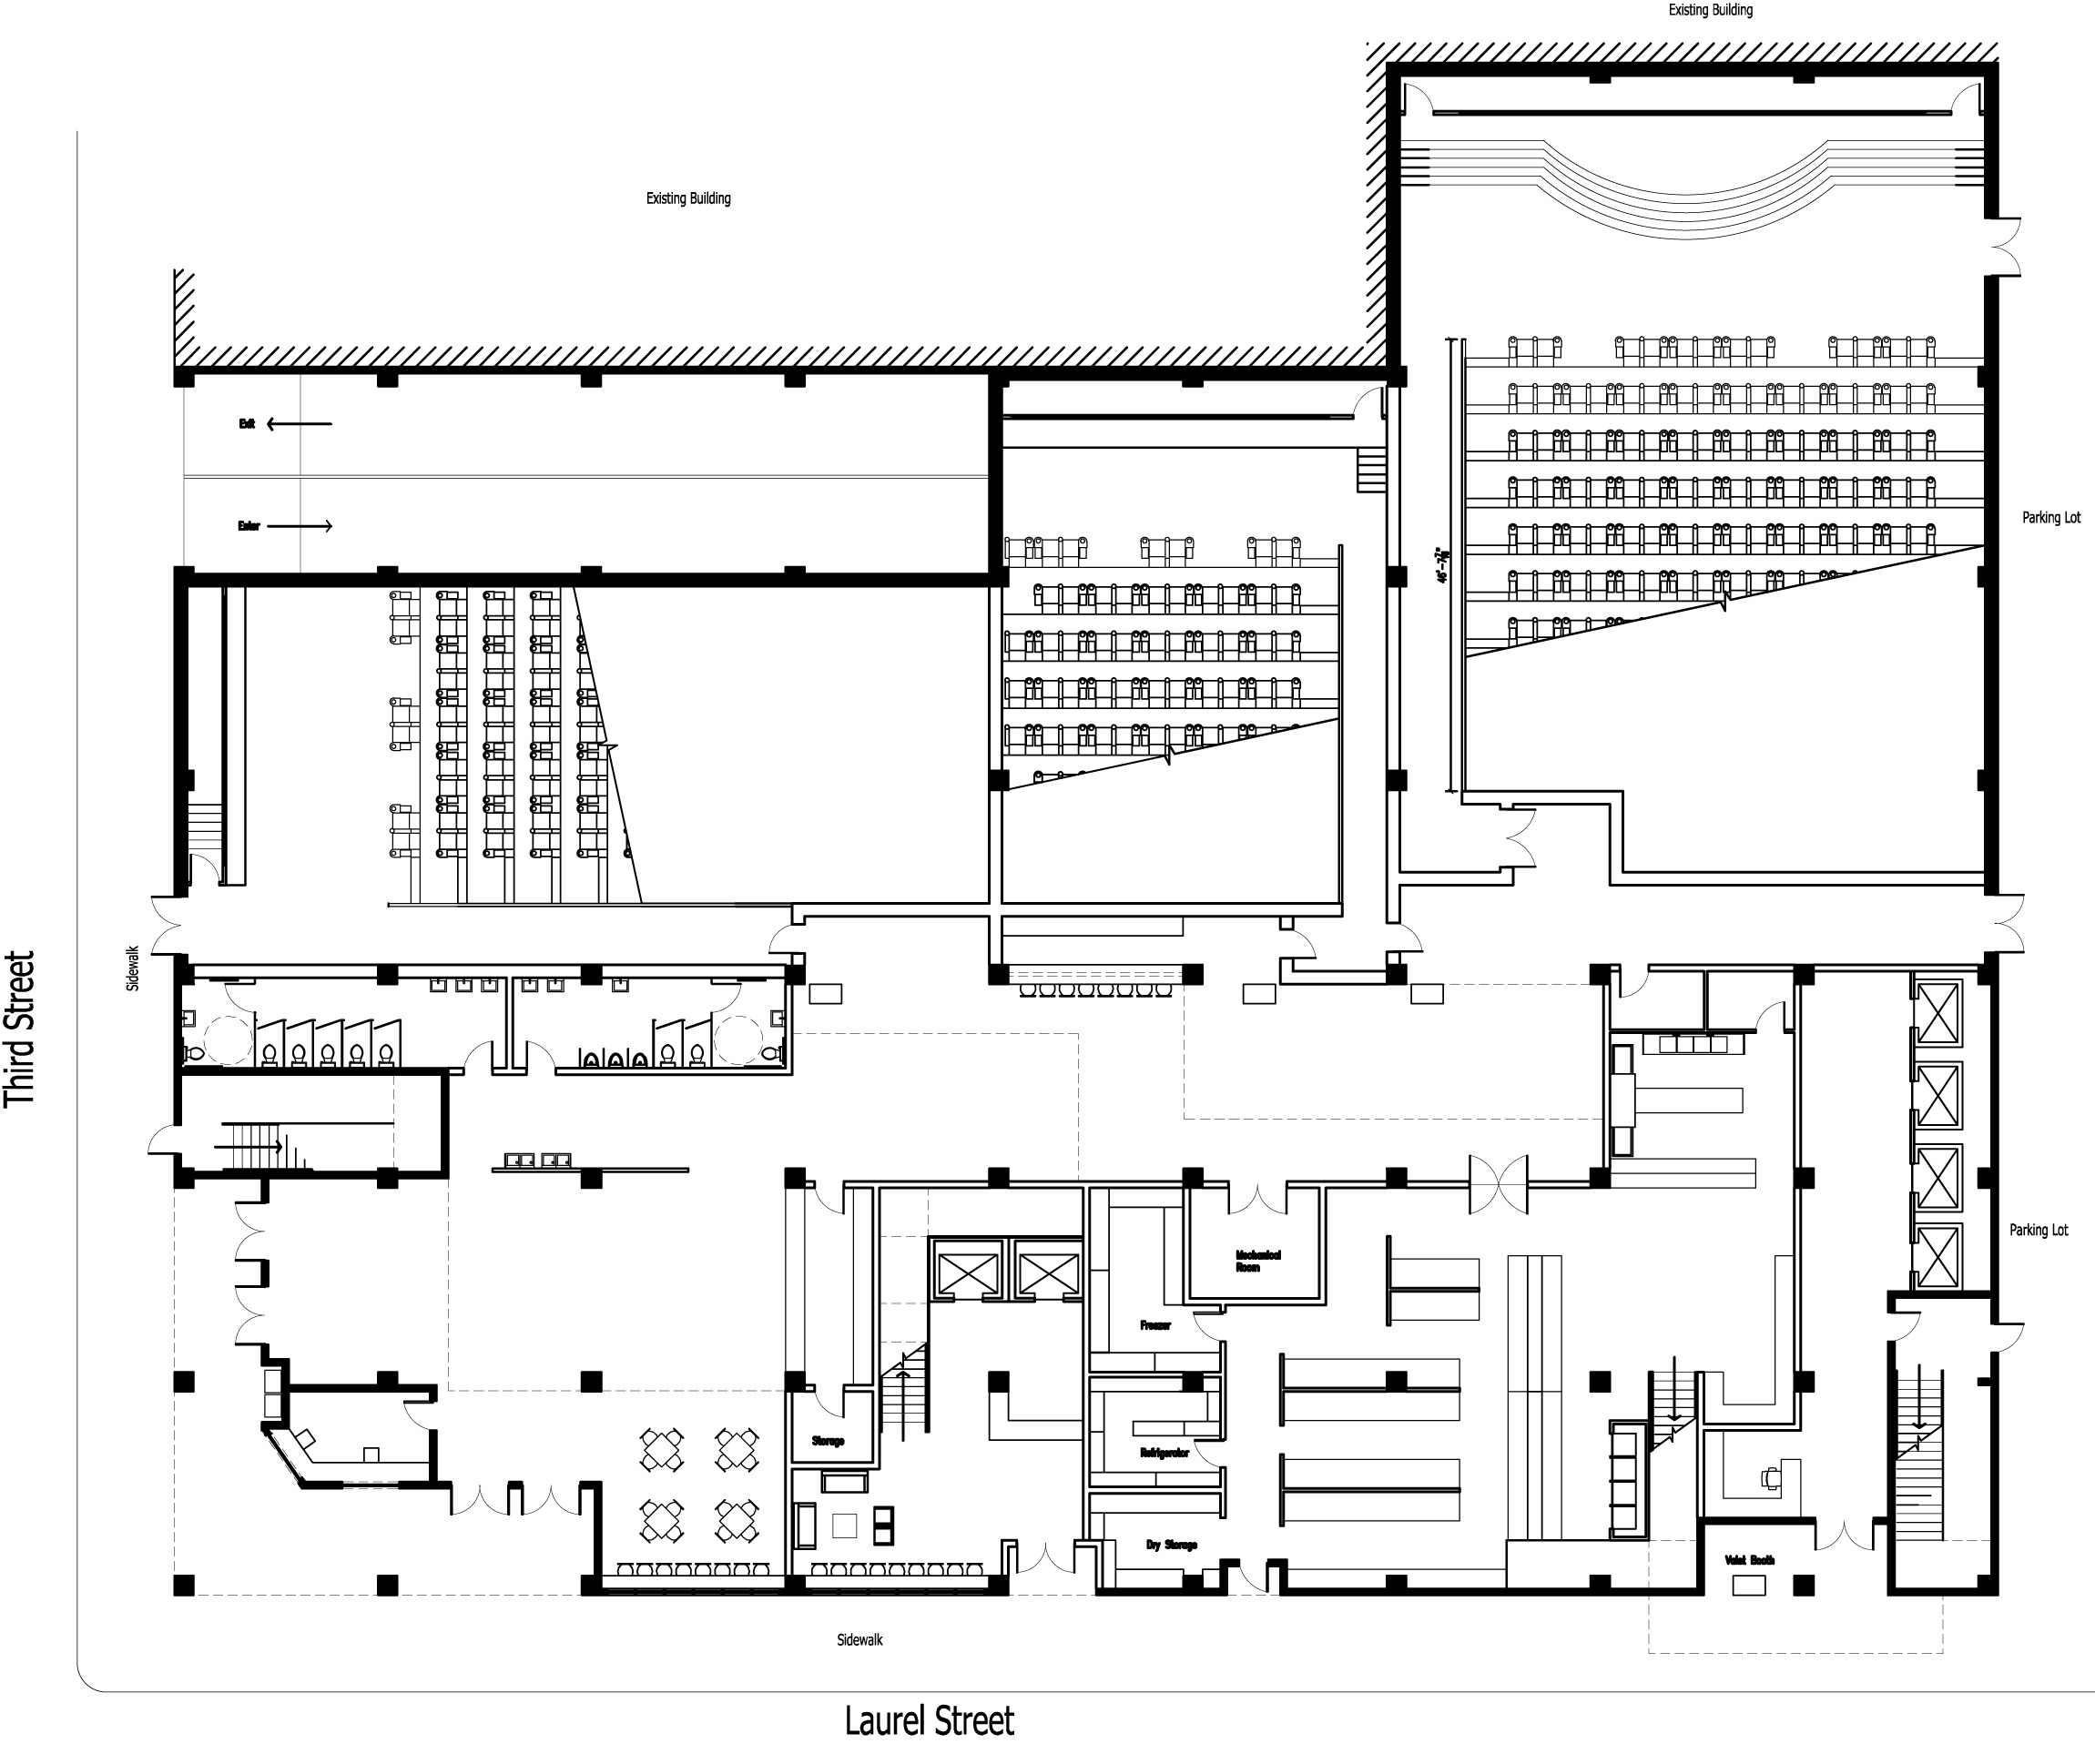 Home Theater Design Floor Plan